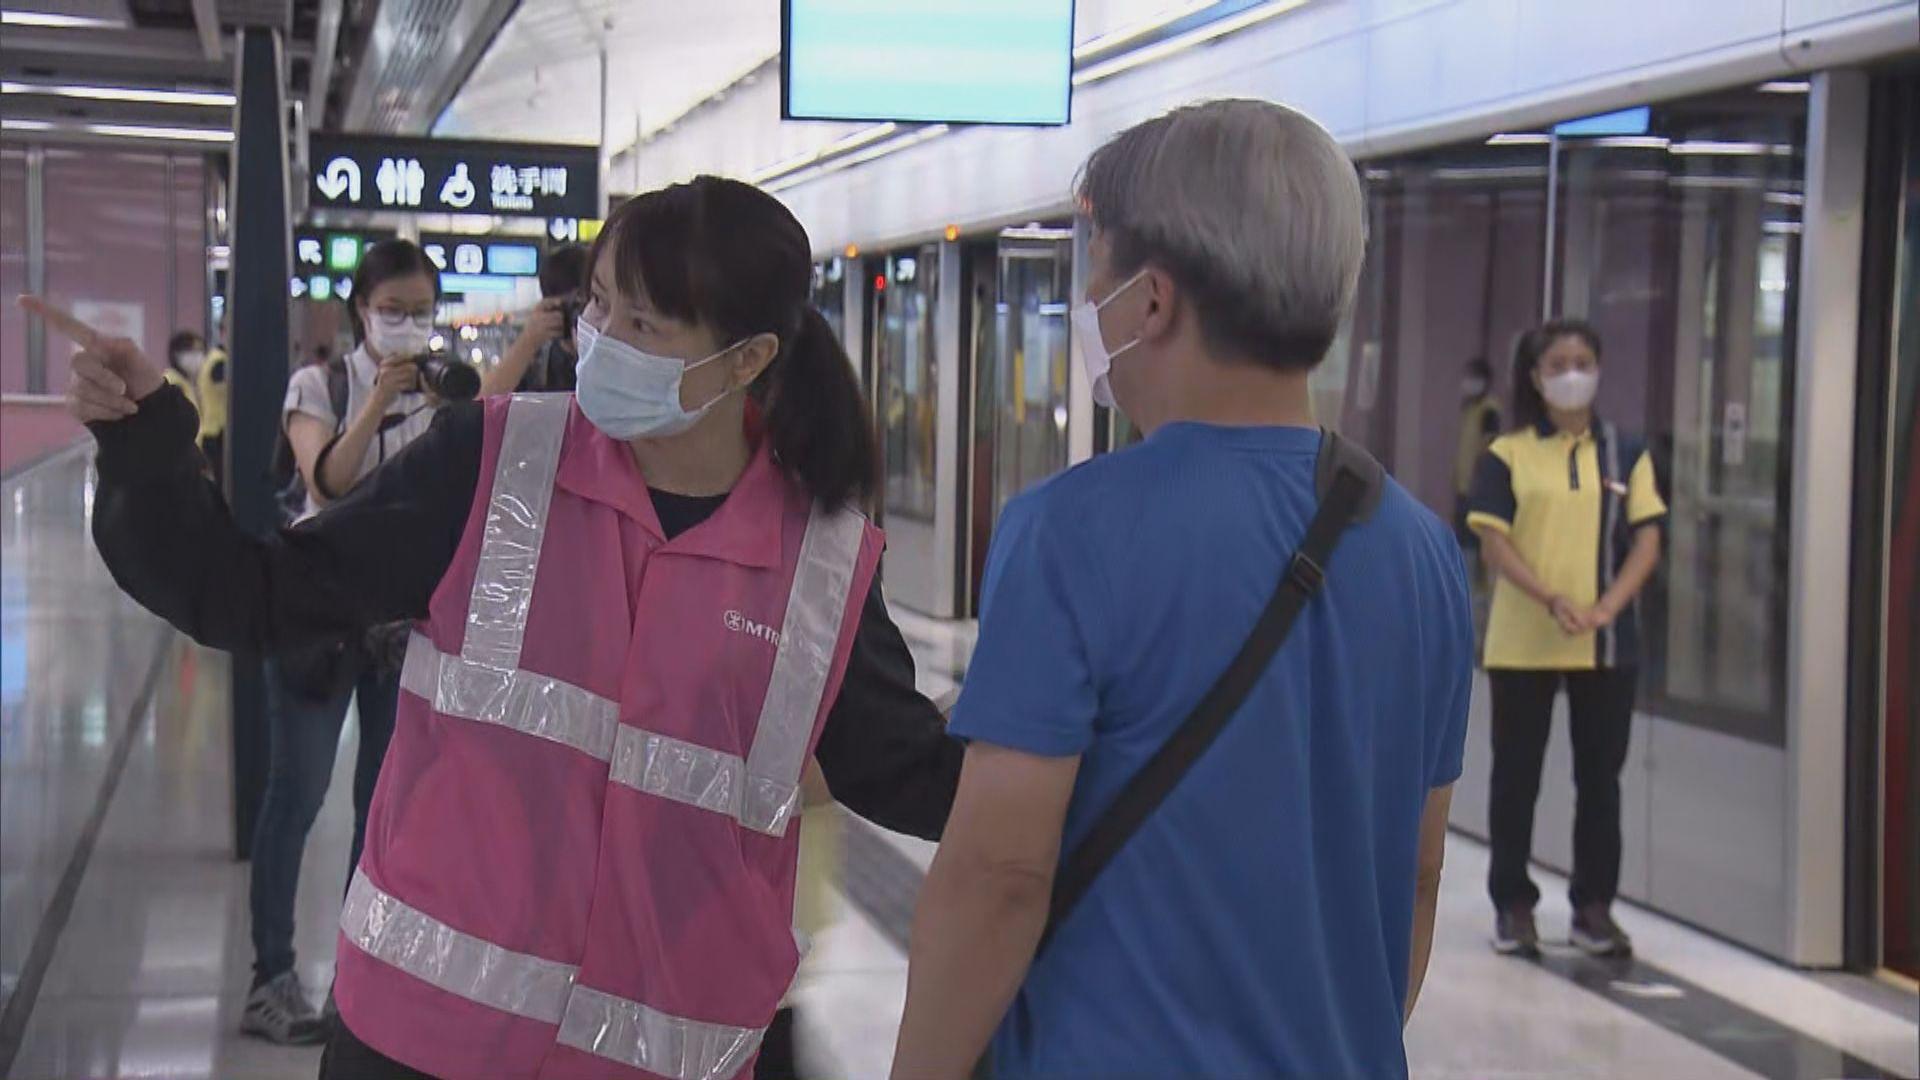 港鐵西鐵綫紅磡站新月台啟用 站內加派人手協助